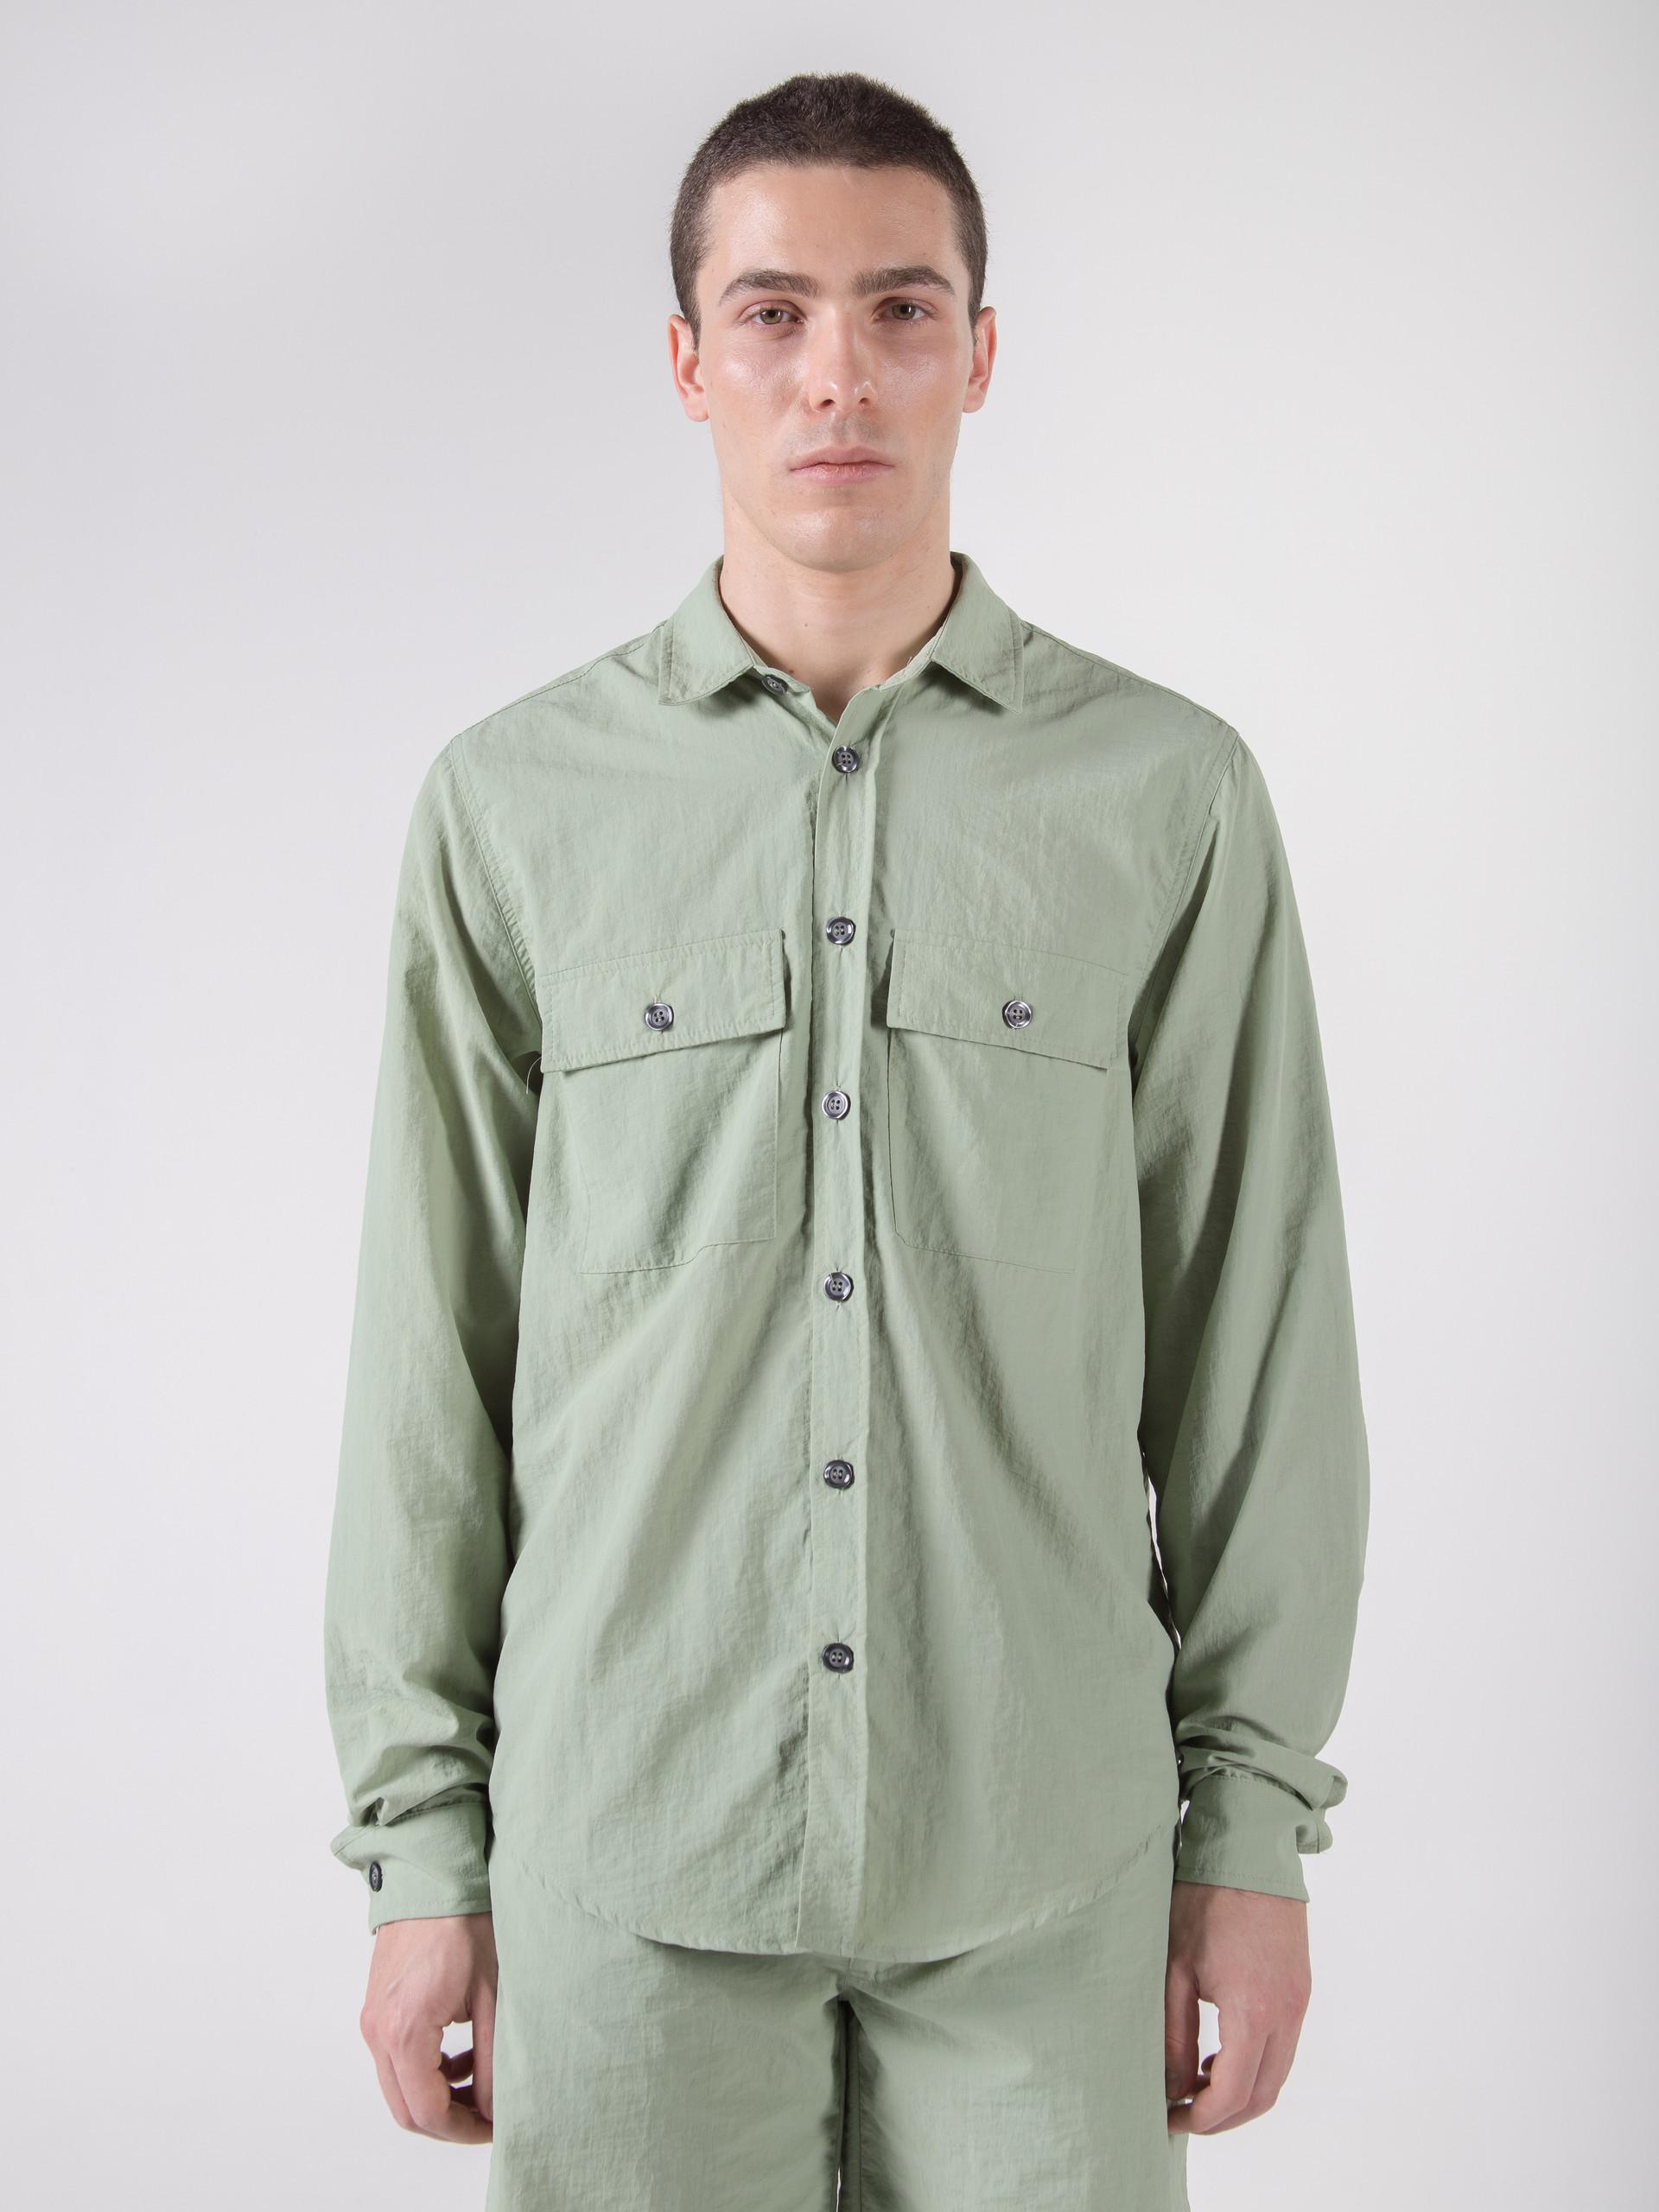 look01_ss20_02_shirt.jpg